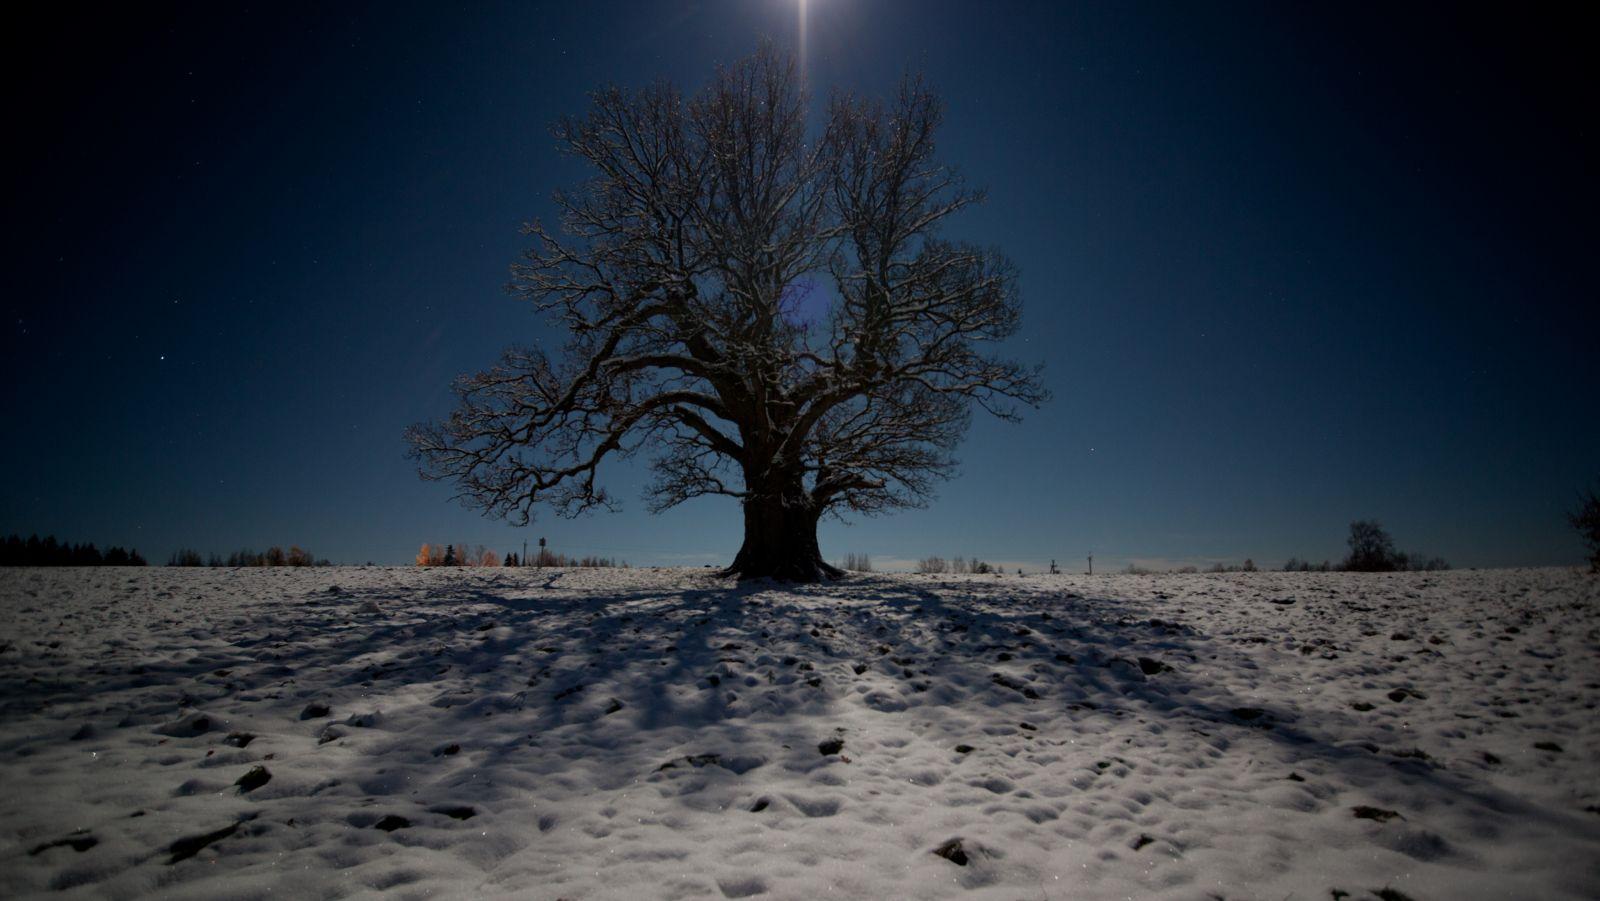 Mida suurem puu, seda suurem vari